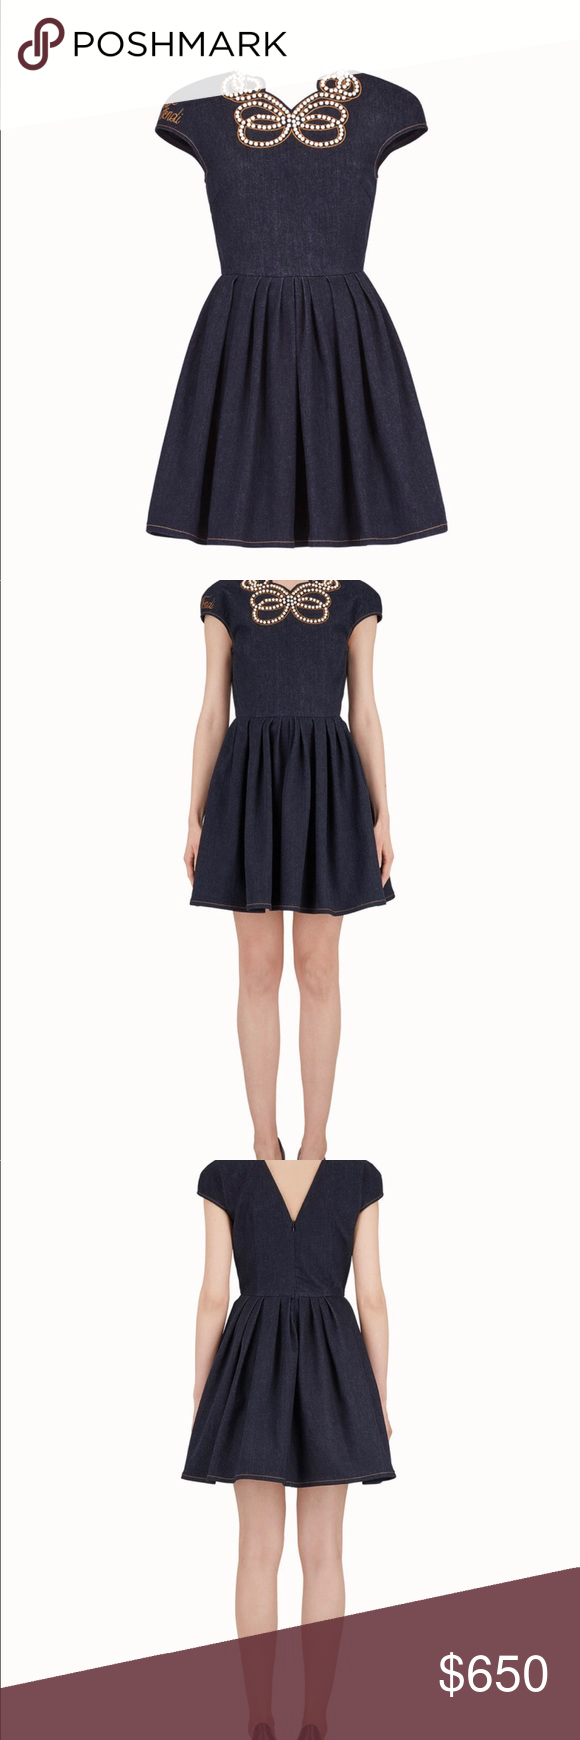 646865b53b0 Fendi Denim Pearl Bow Dress Italian Size38  Us 2 Fendi s dark blue stretch-cotton  denim cap-sleeve dress is tailored with a full